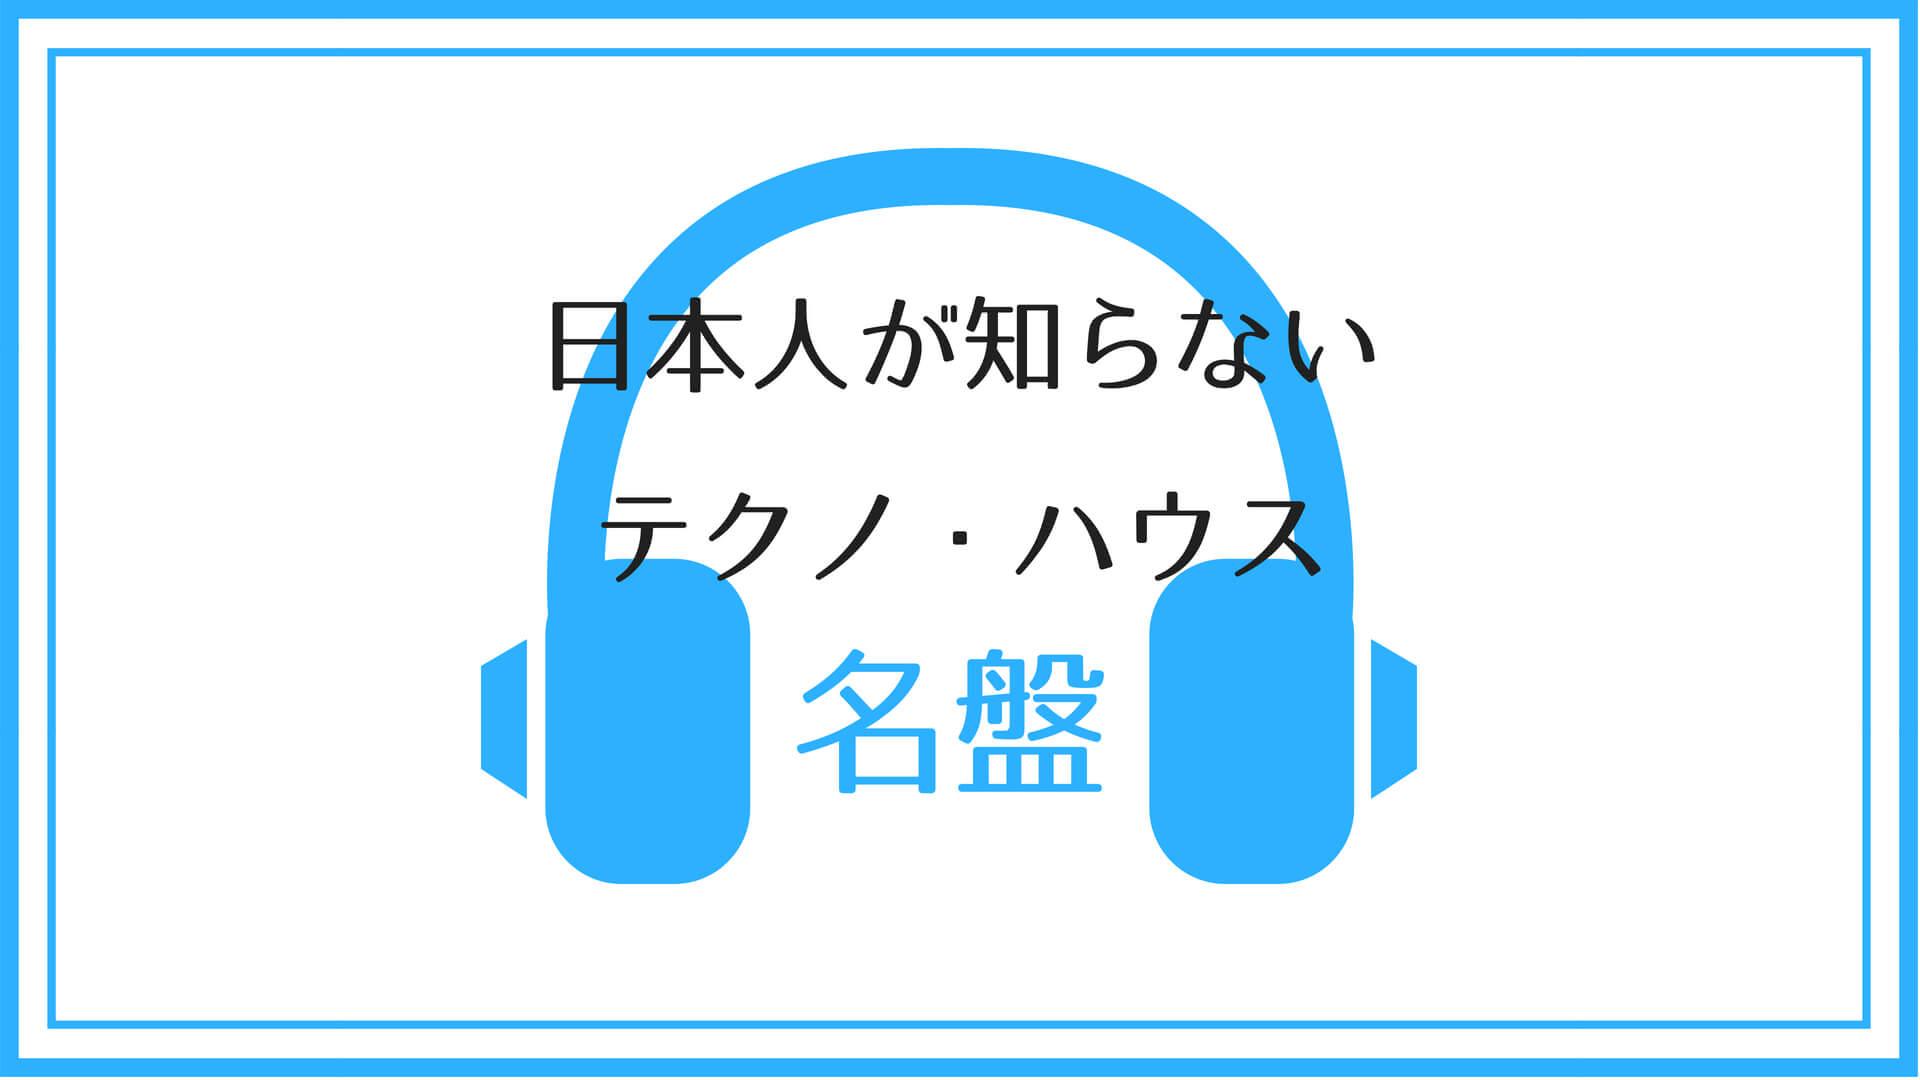 現役DJが選ぶテクノの隠れた名盤7曲|日本人が知らないツウな音楽 | 音ナビ(OTO-NAVI)